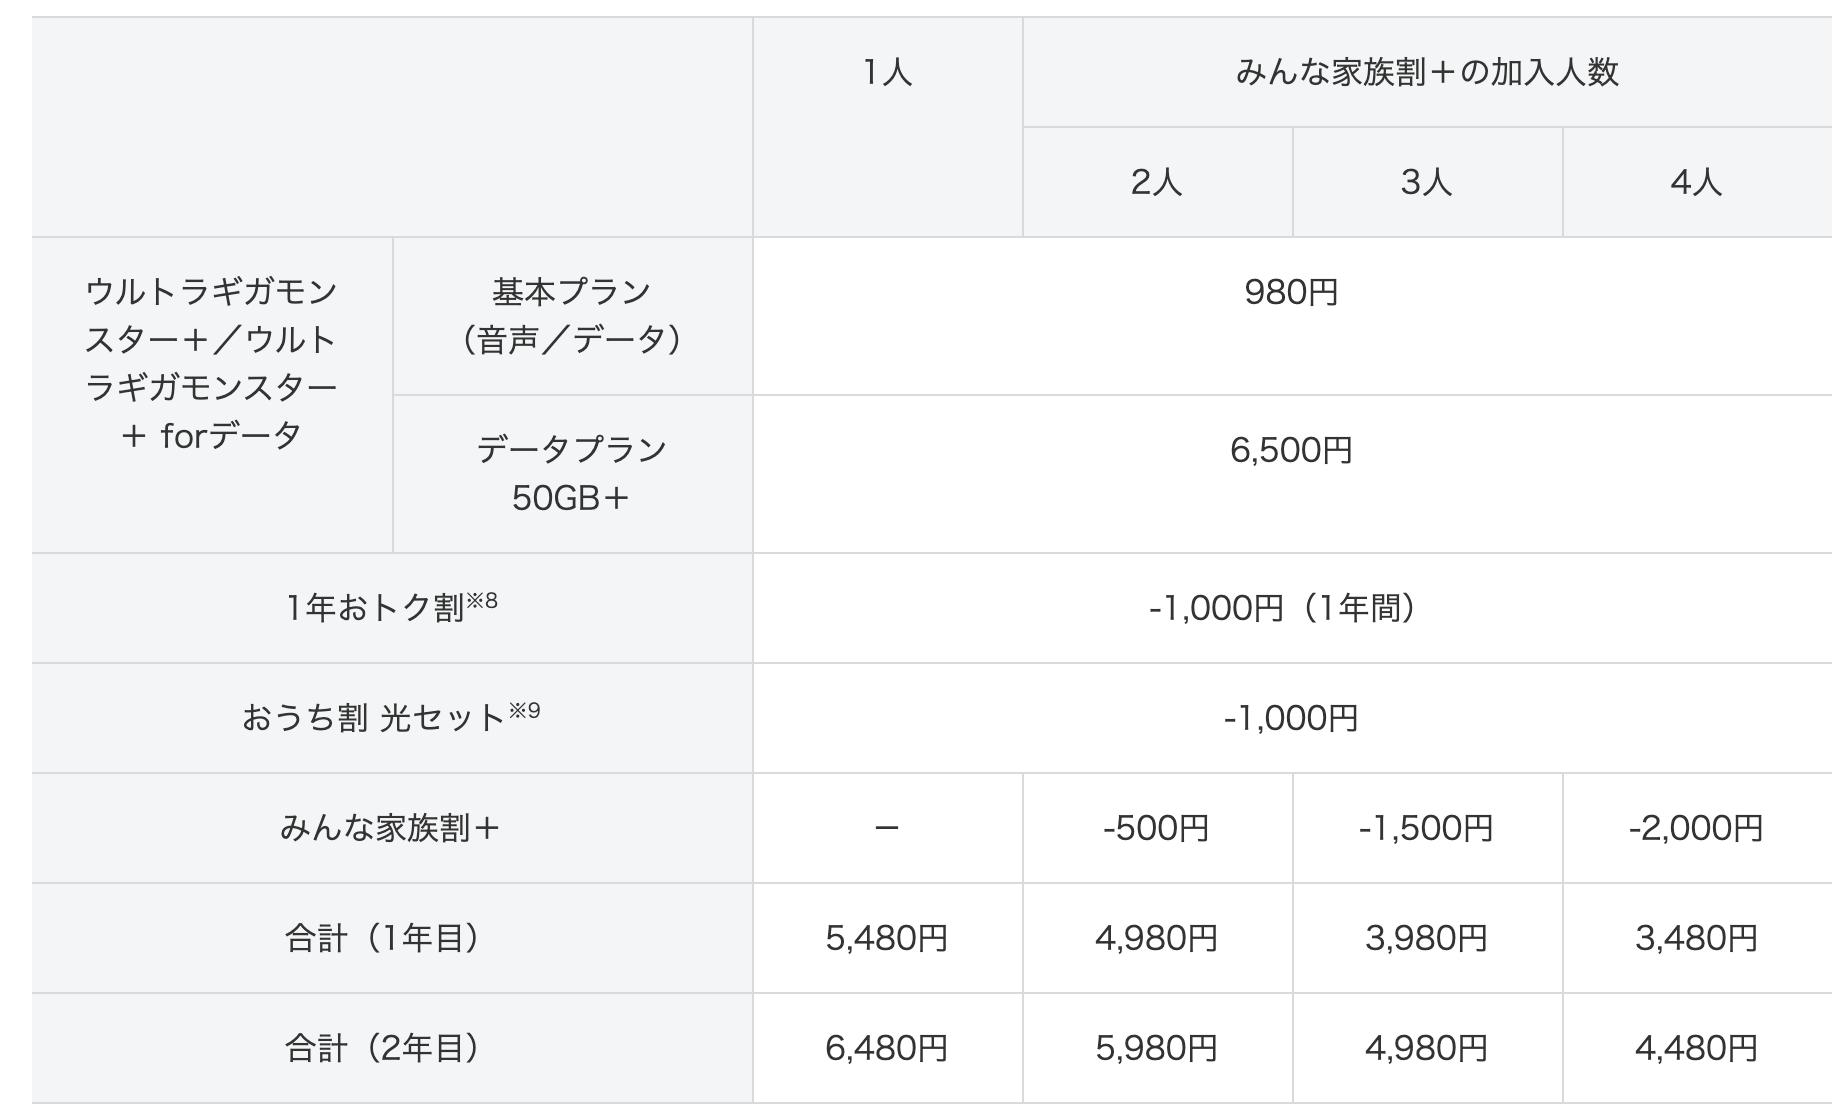 ソフトバンク新料金